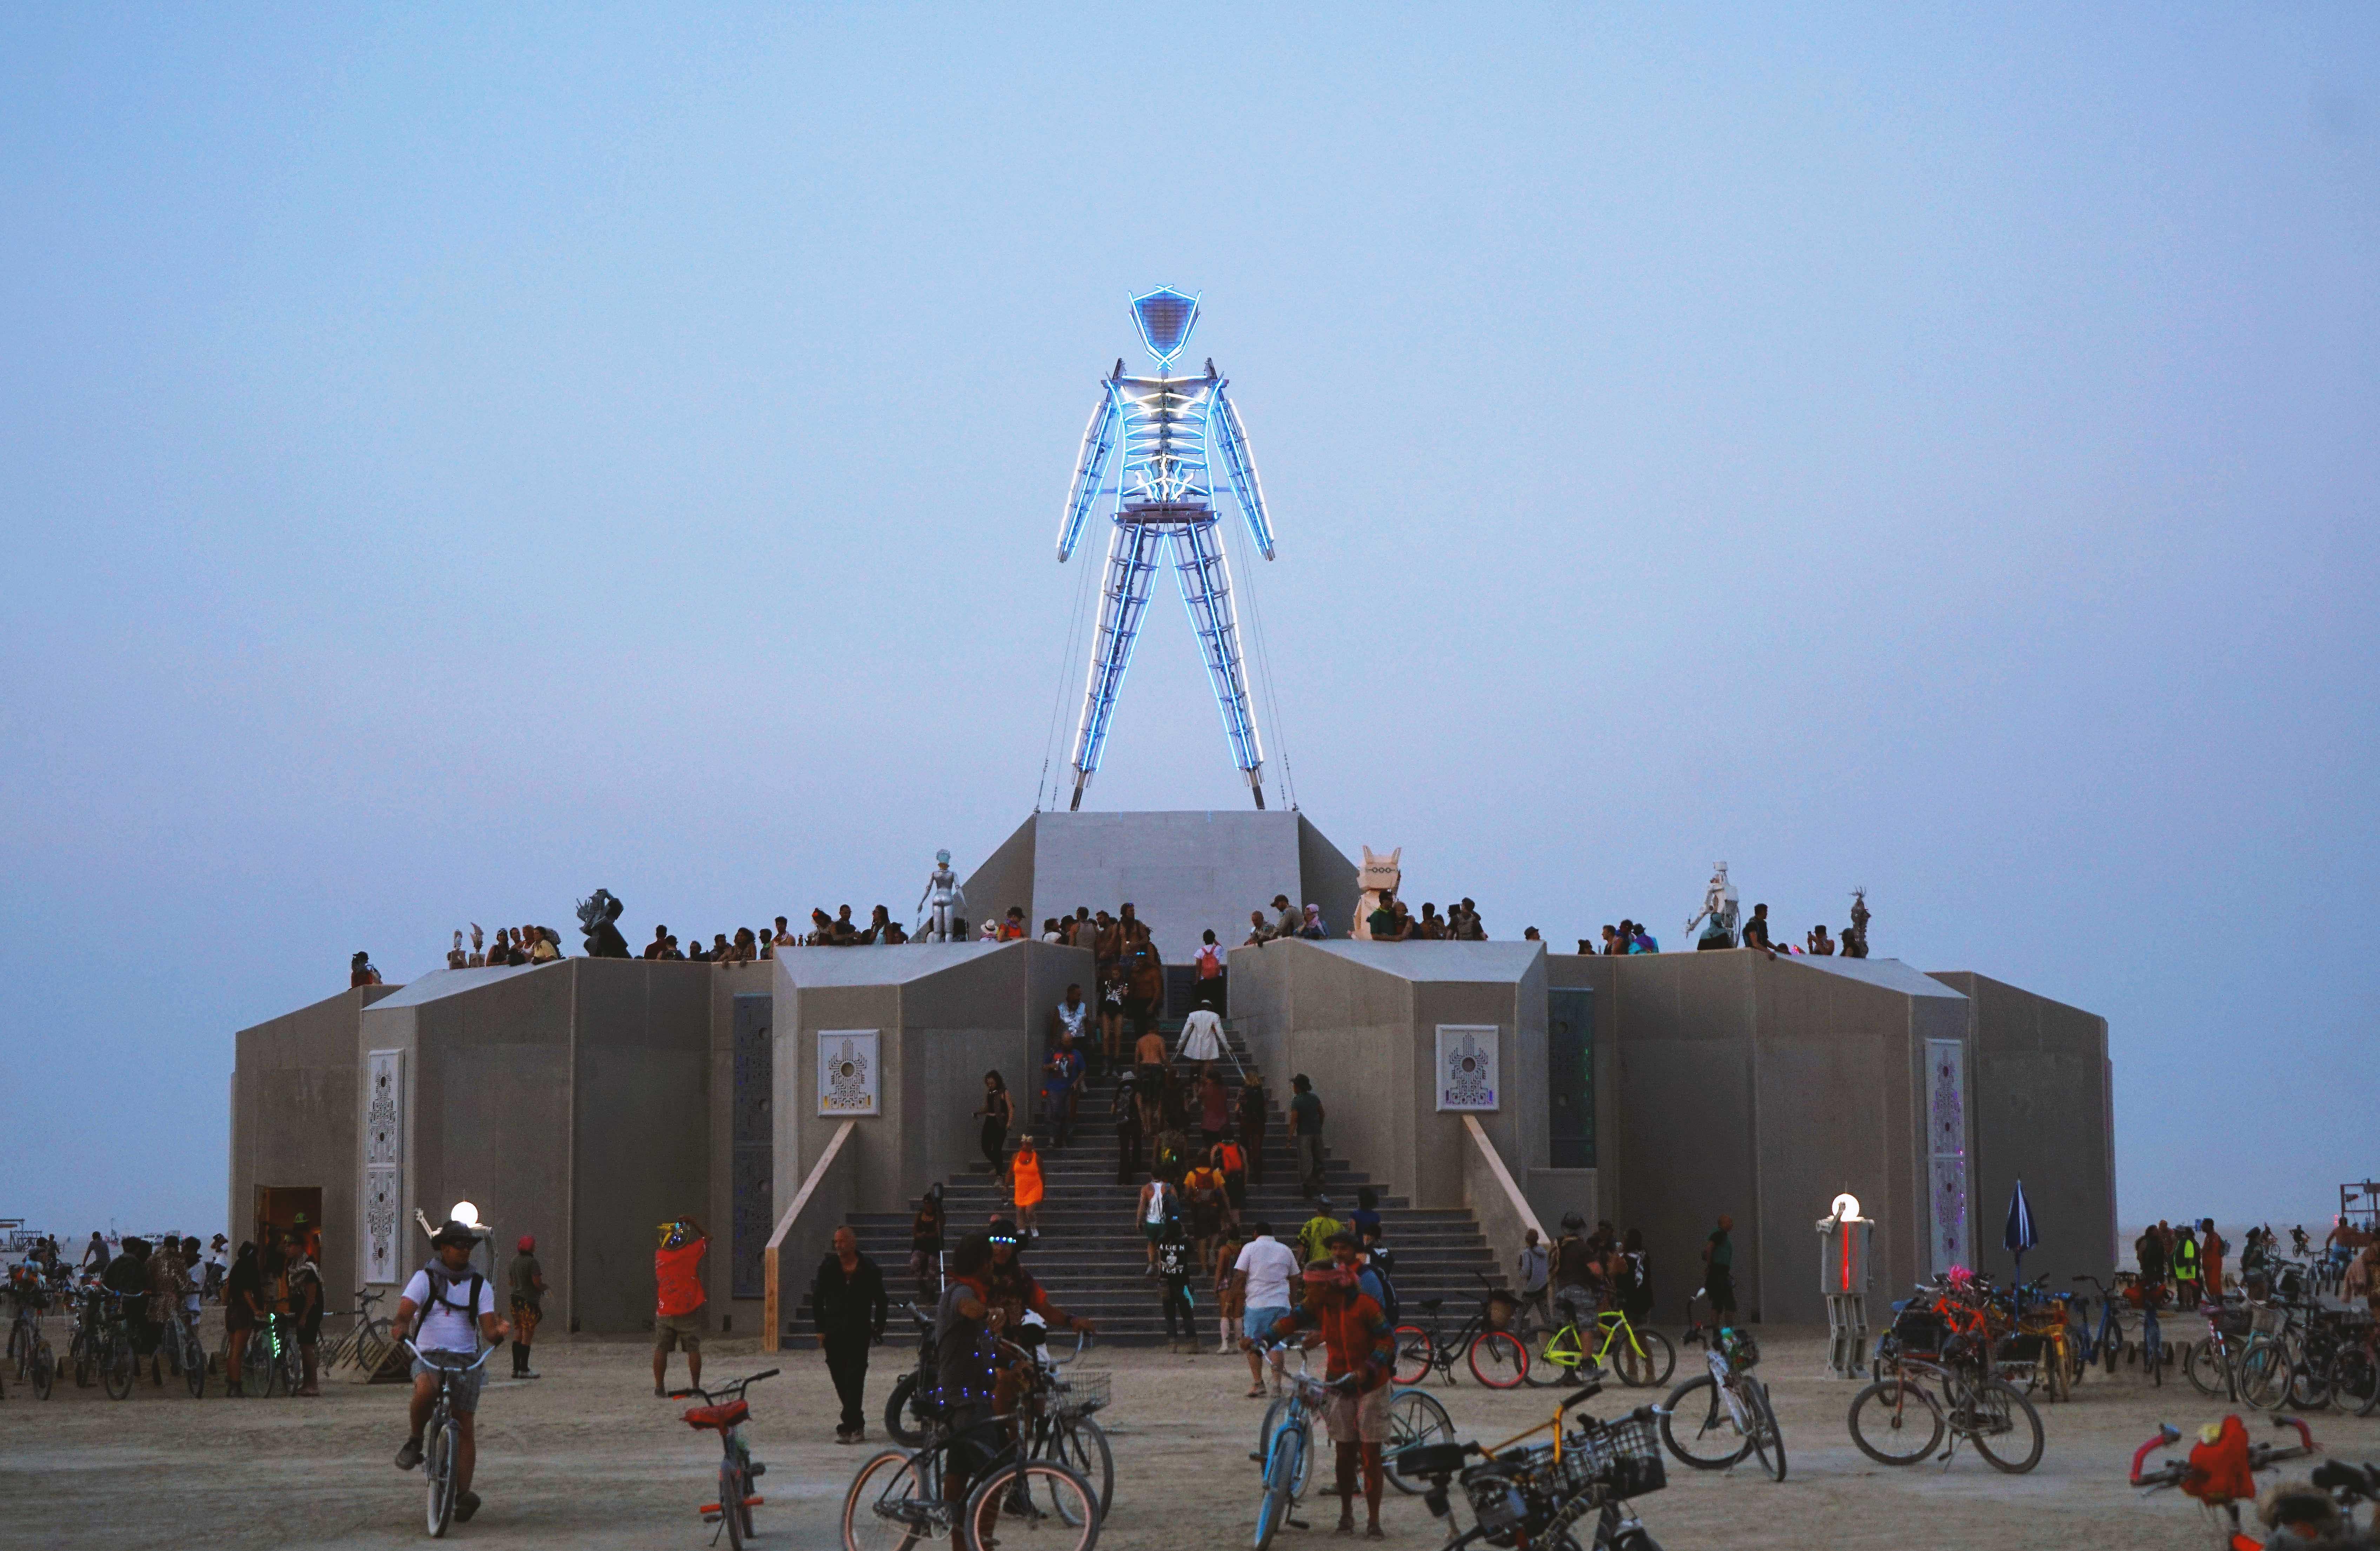 осложнения невада рино фестиваль фото исследования показали